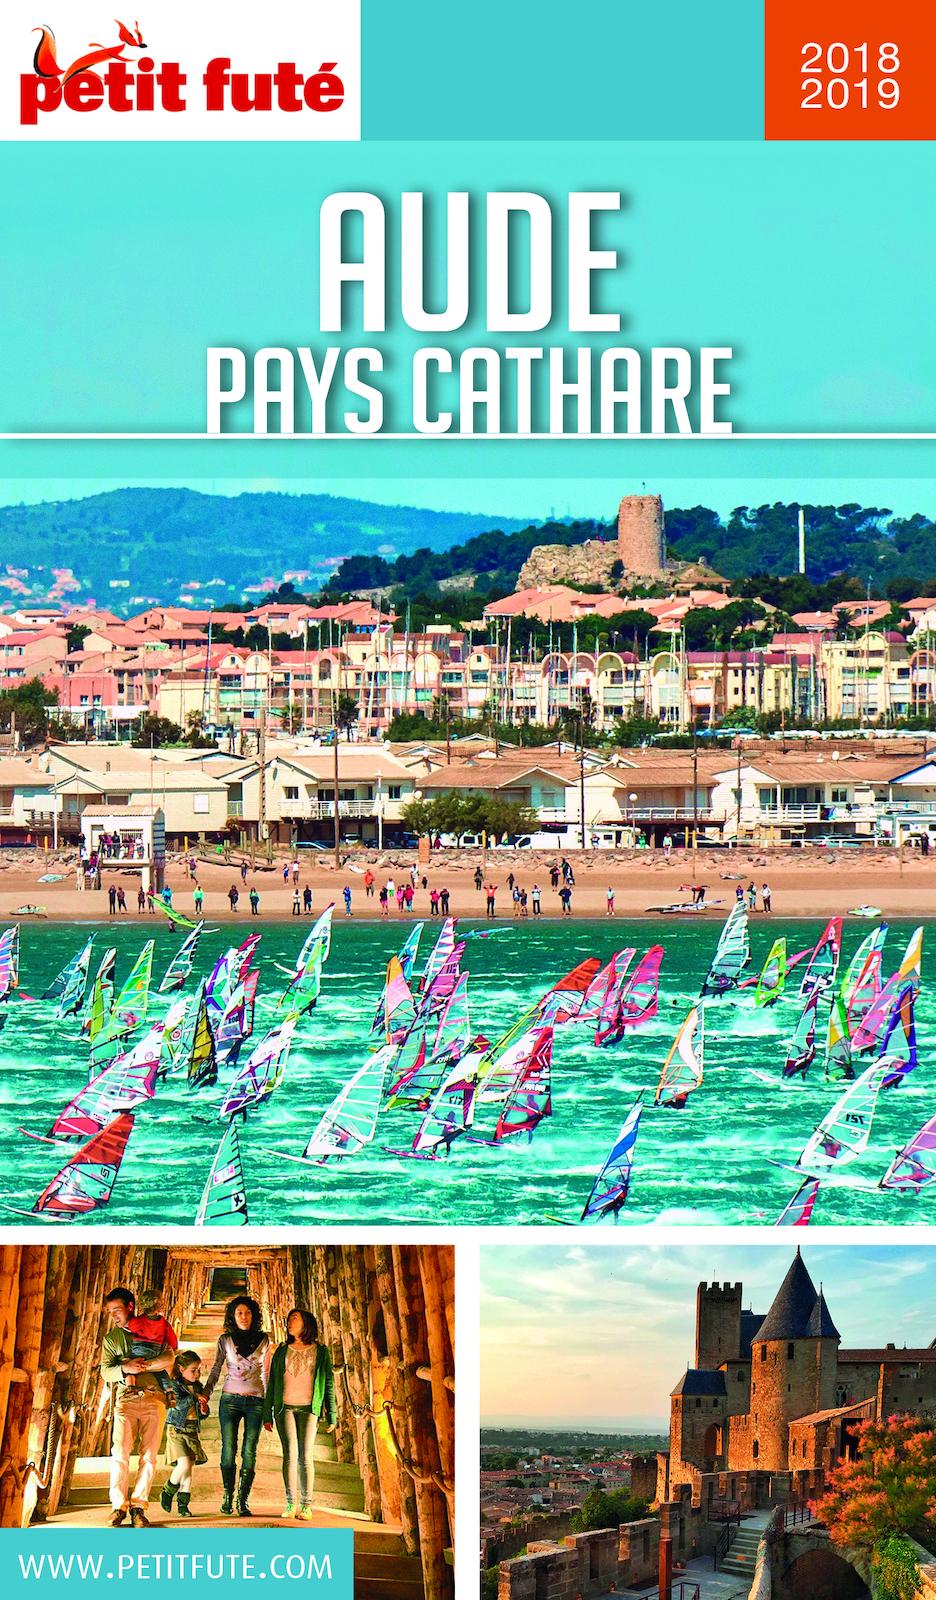 AUDE - PAYS CATHARE 2018/2019 Petit Futé